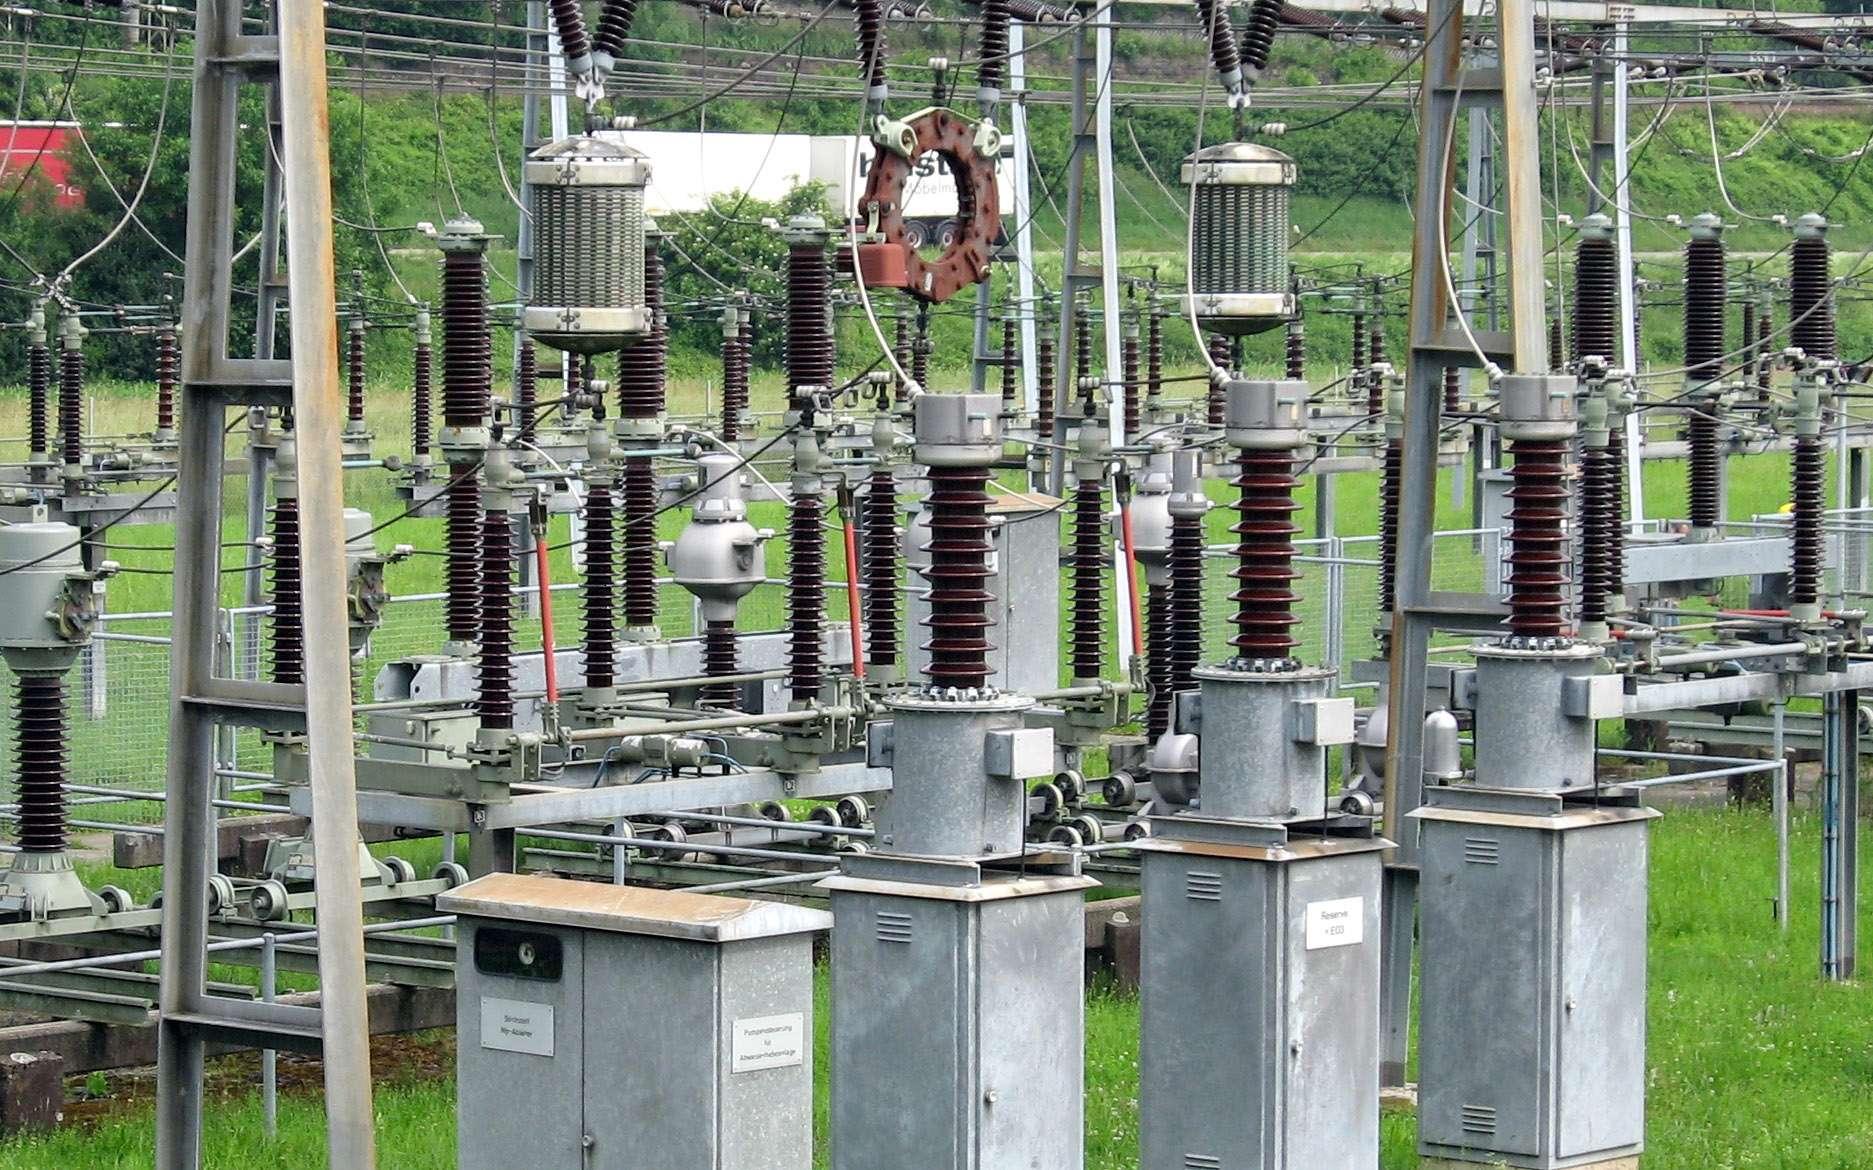 Powerline est un courant porteur en ligne. Ici, une installation de powerline sur un poste électrique. © LittleJoe, CC BY SA 3.0, Wikipedia Commons